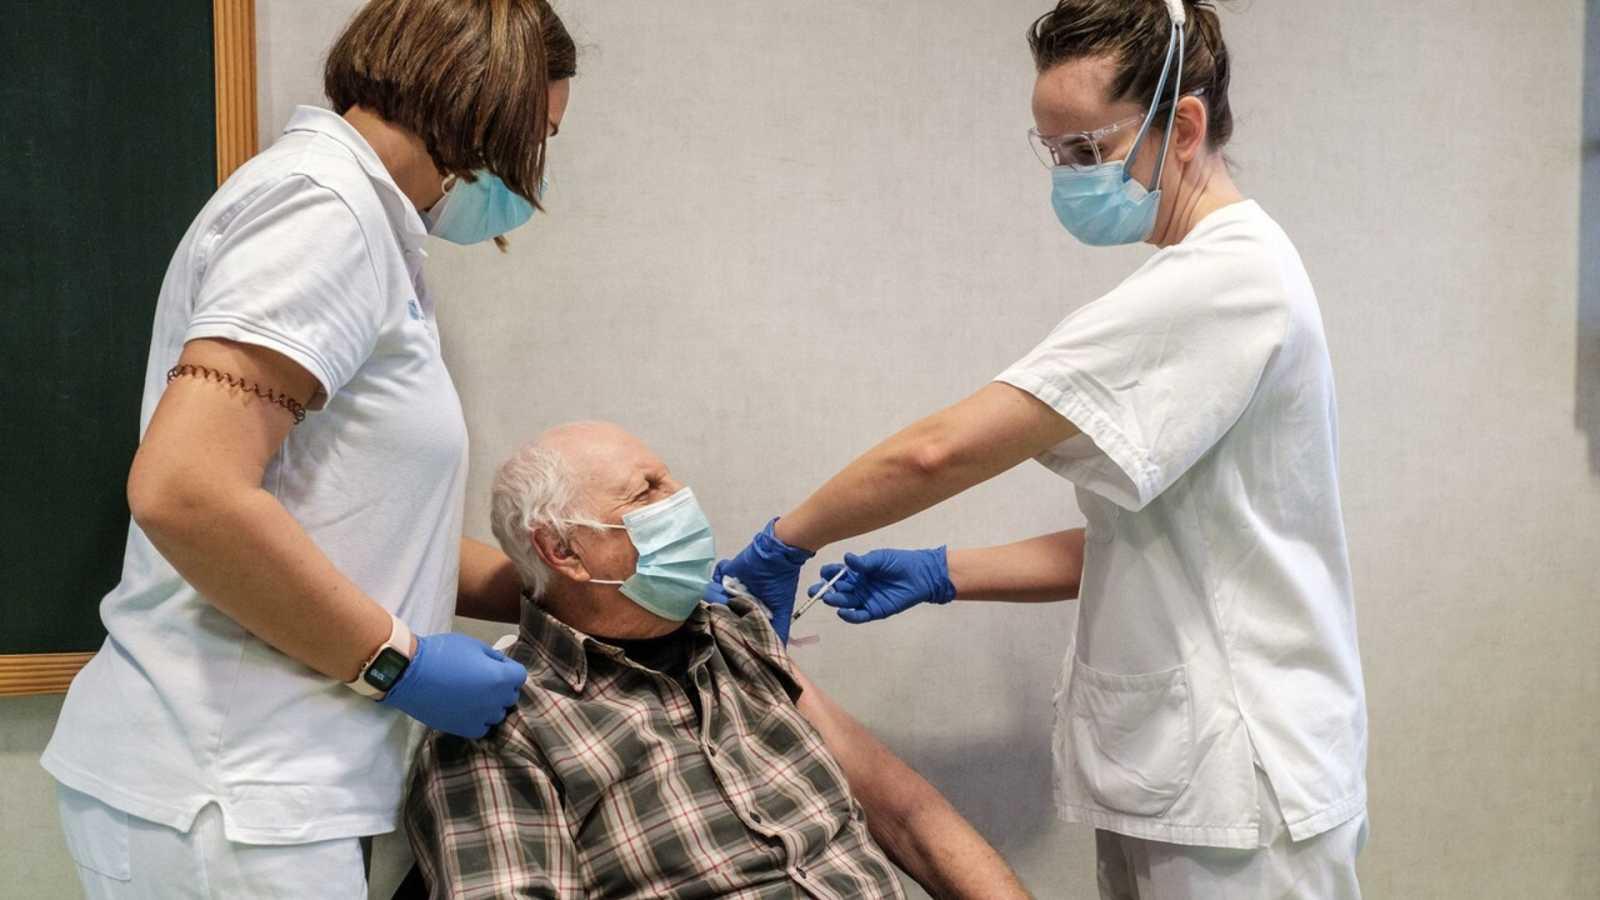 Juan Prats Planells, de 74 años, es uno de los primeros en vacunarse contra la COVID-19 en el centro de salud de Sant Antoni de Portmany, en Ibiza. EFE/Sergio G. Cañizares